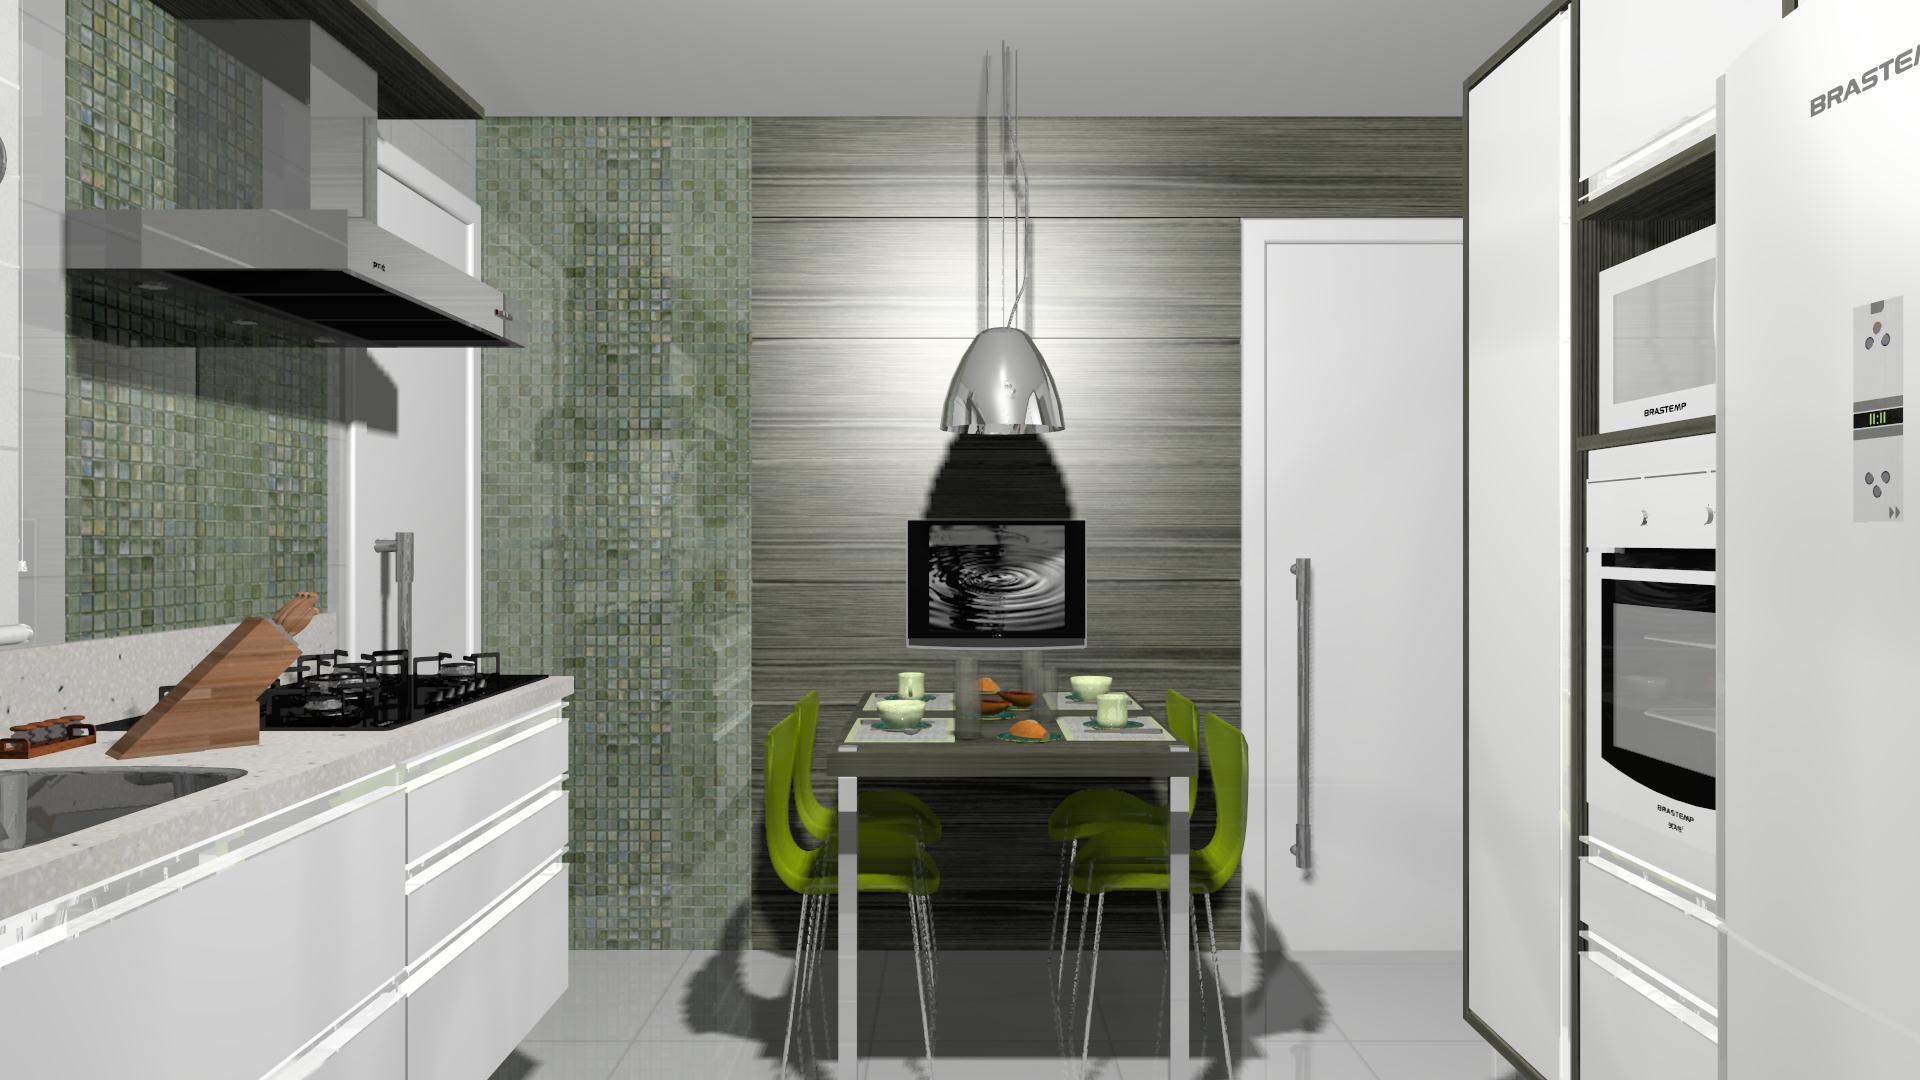 Projeto de cozinha moderna e prática #634631 1920 1080